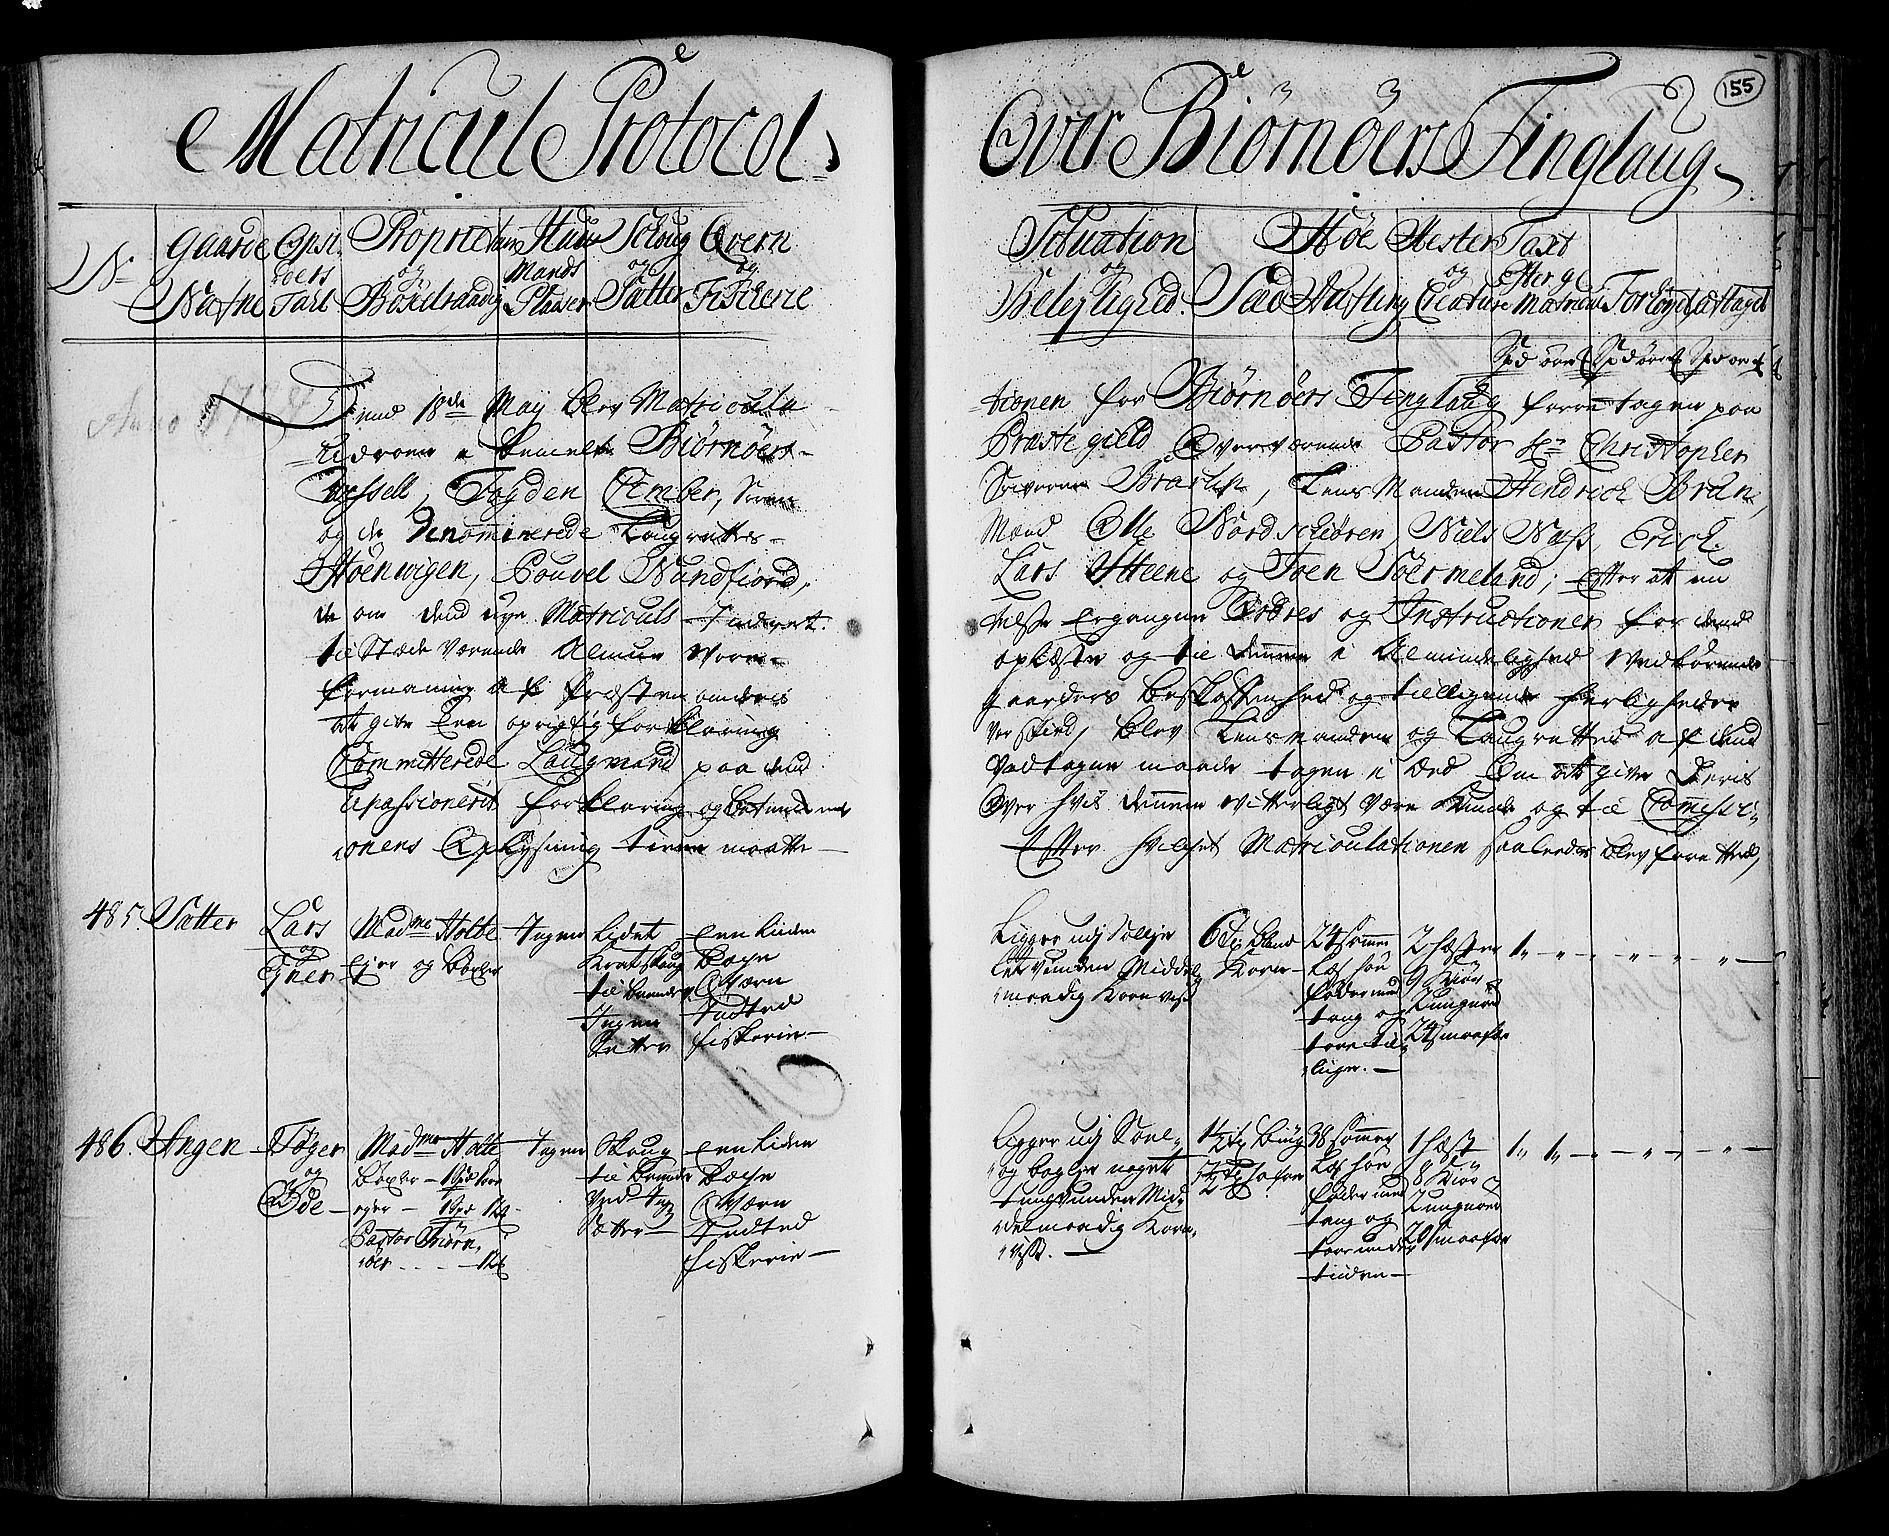 RA, Rentekammeret inntil 1814, Realistisk ordnet avdeling, N/Nb/Nbf/L0162: Fosen eksaminasjonsprotokoll, 1723, s. 154b-155a